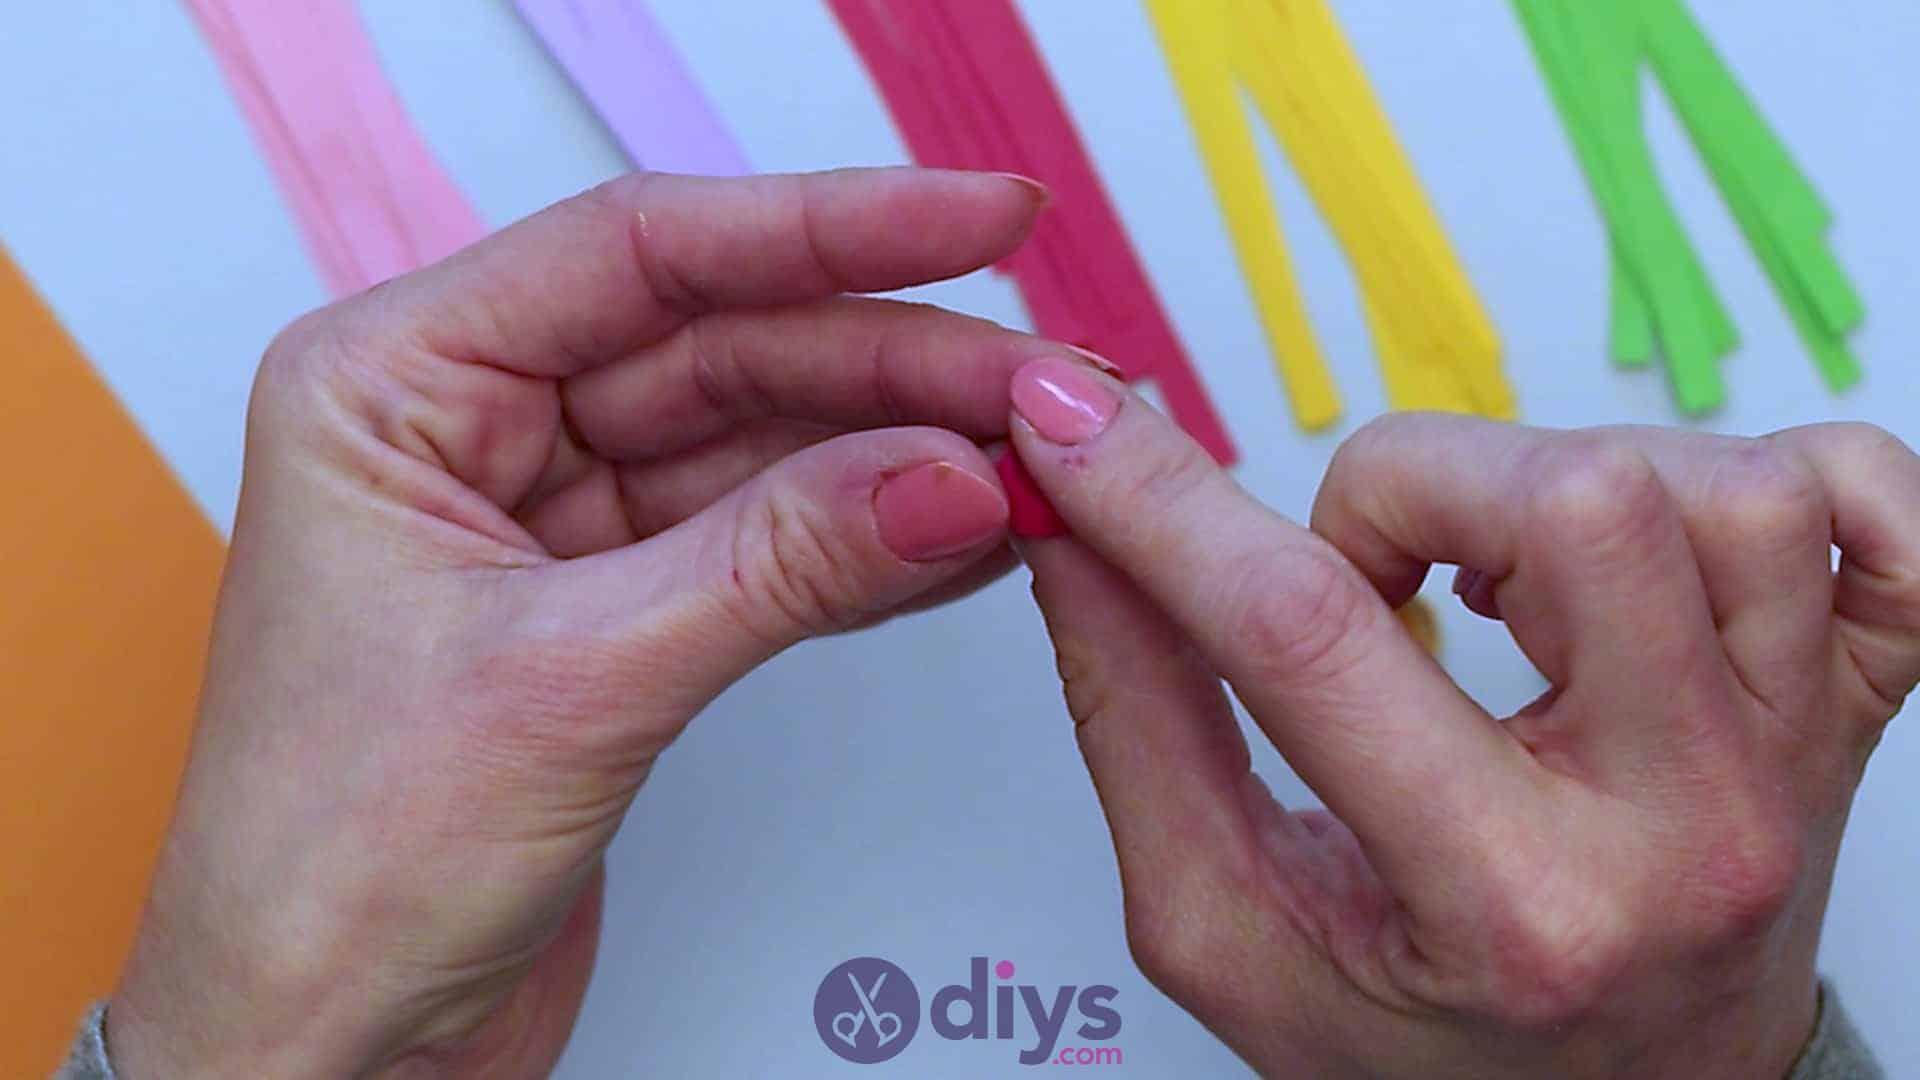 Diy paper spring tree step 4r